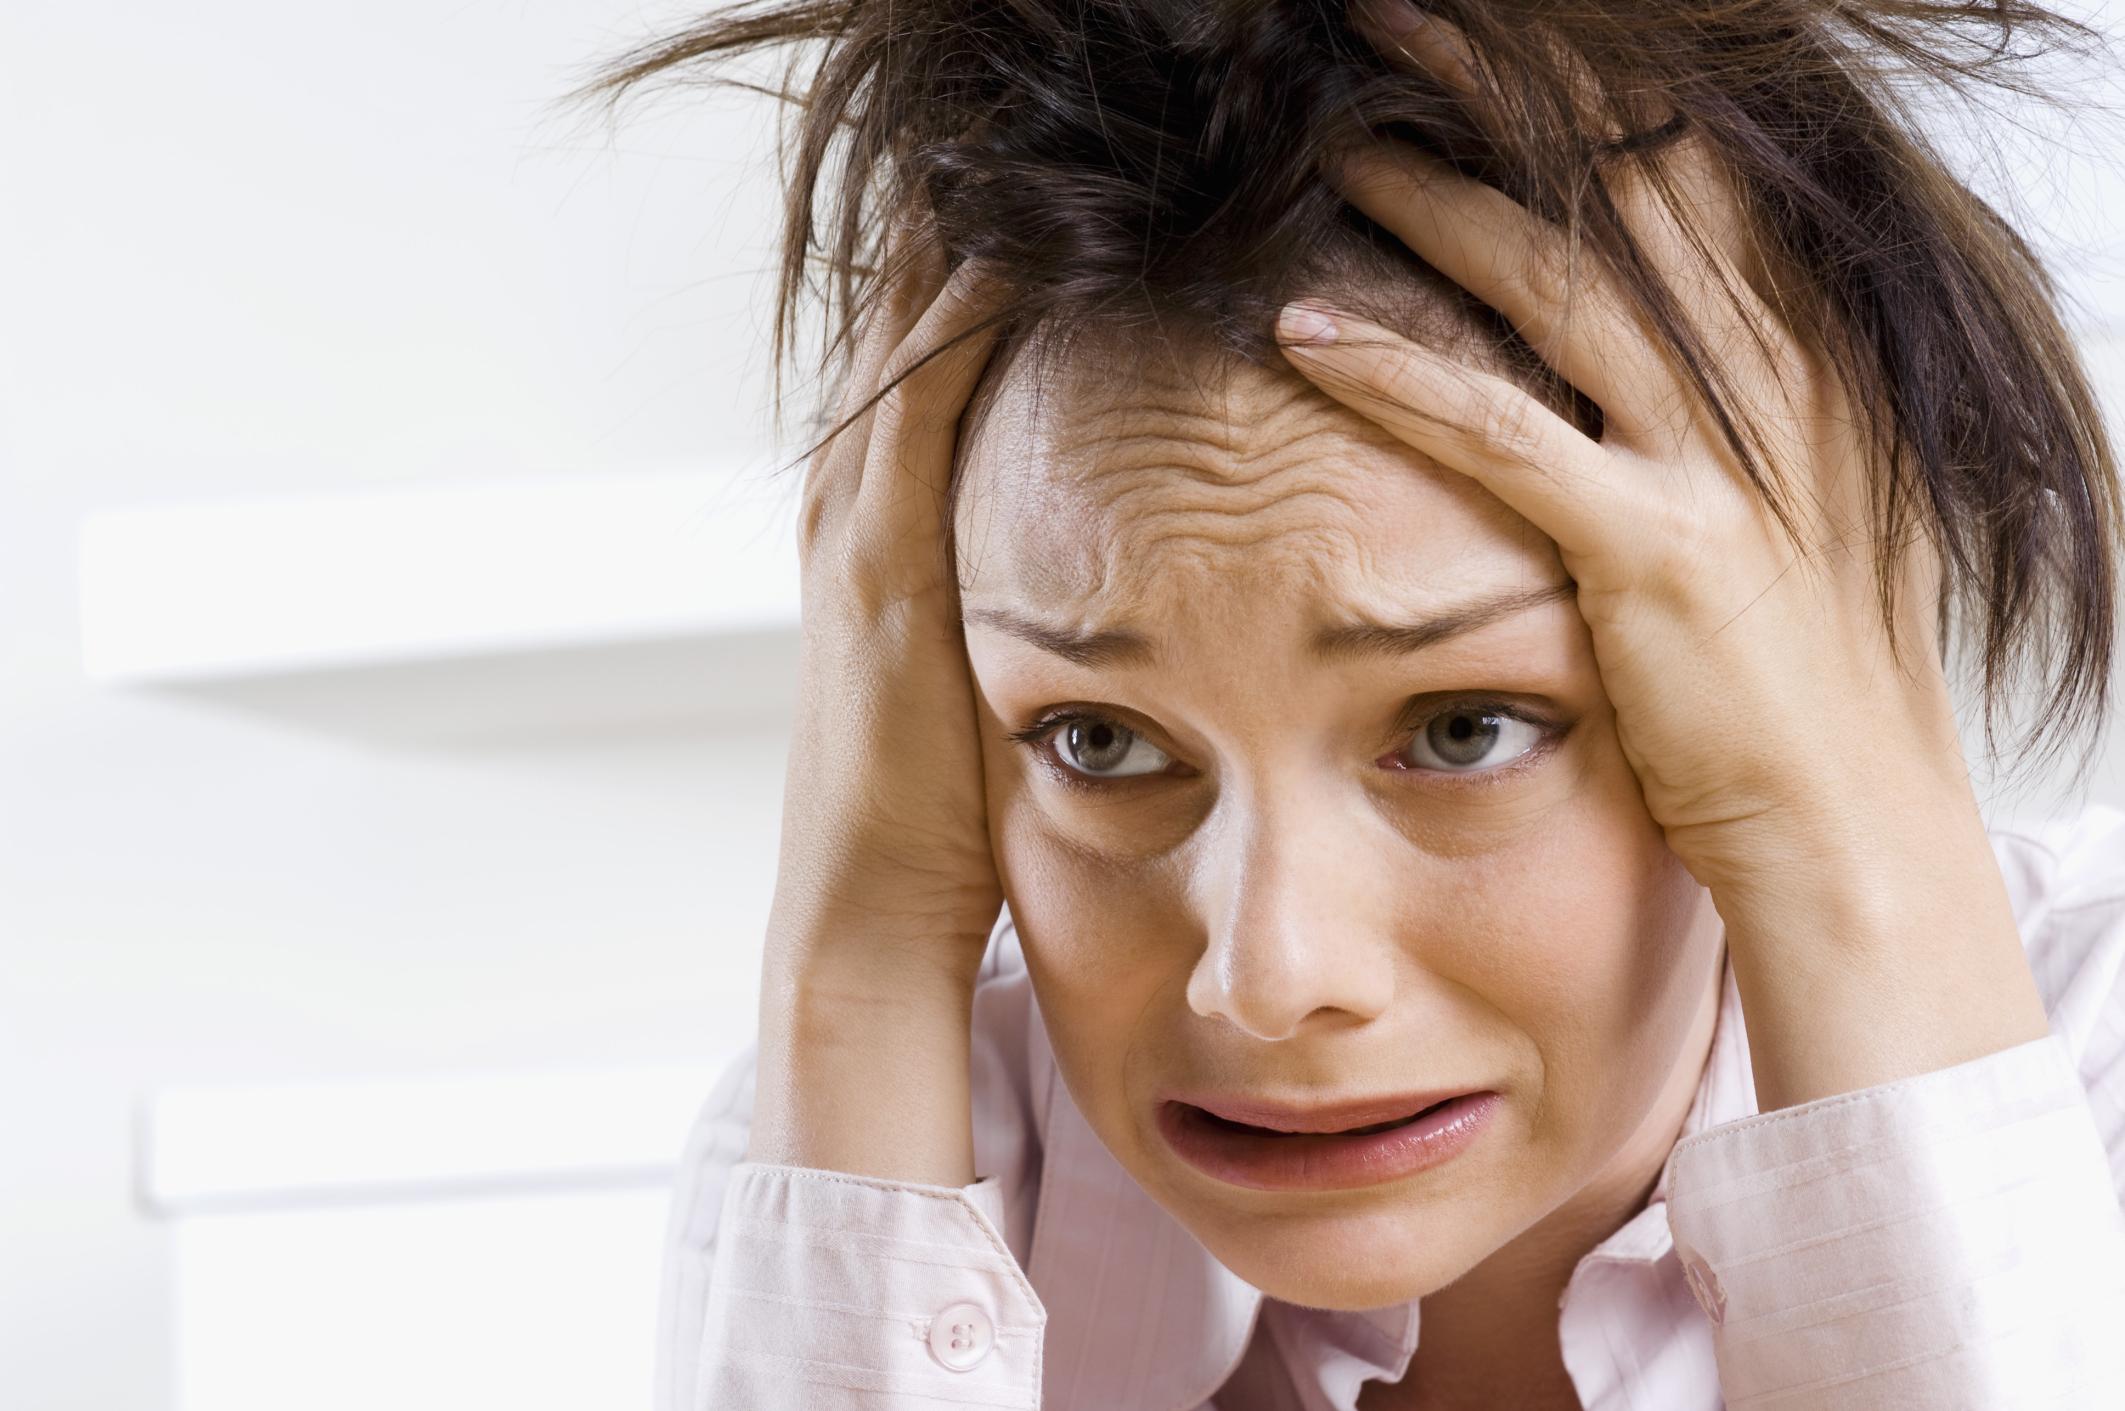 Дисфория: симптомы и лечение, гендерная дисфория,